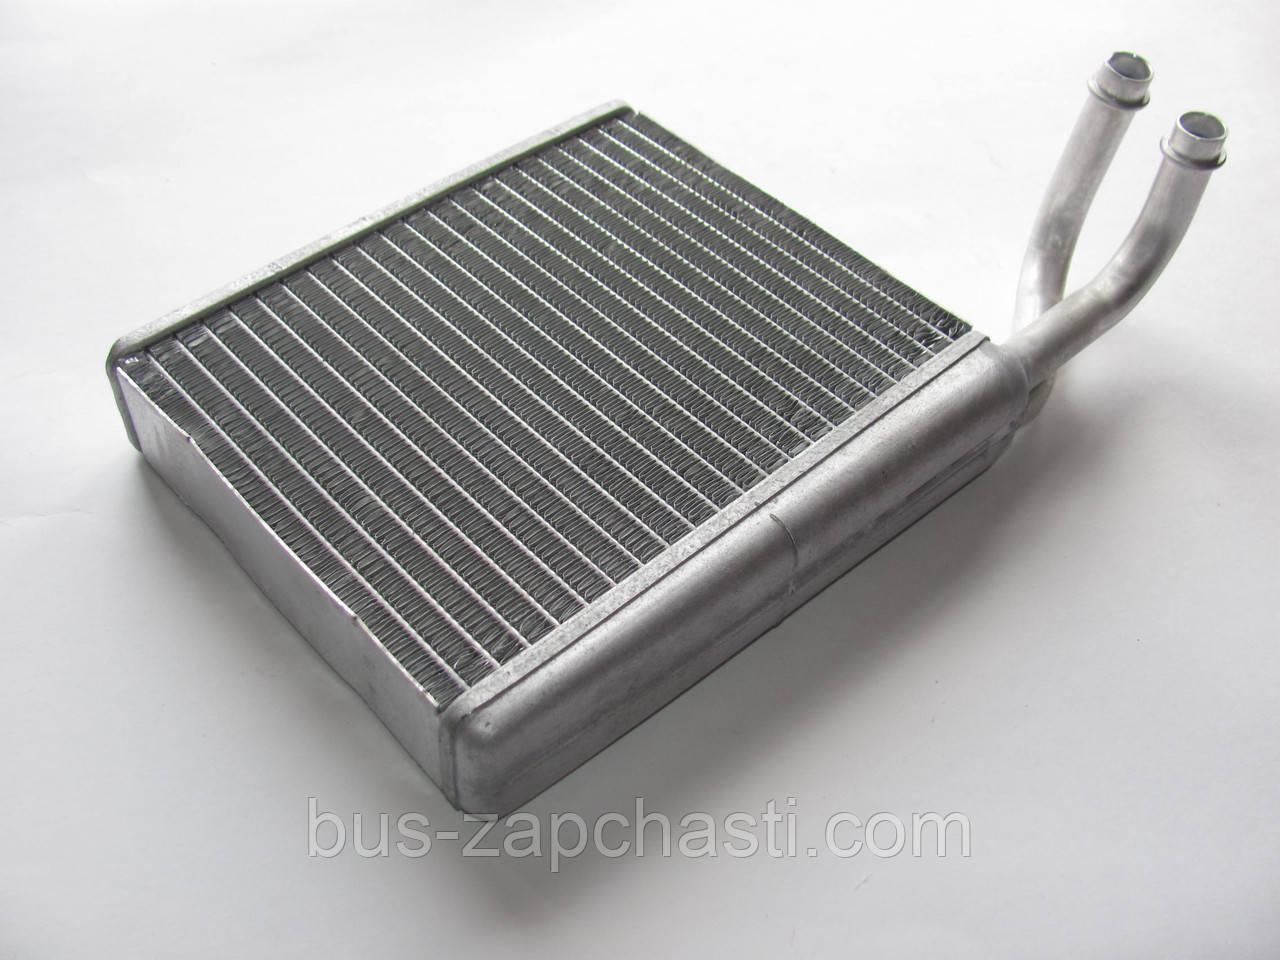 Радиатор печки MB Sprinter CDI 2000-2006 (OM611/612) — Trucktec Automotive (Германия) — 02.59.001